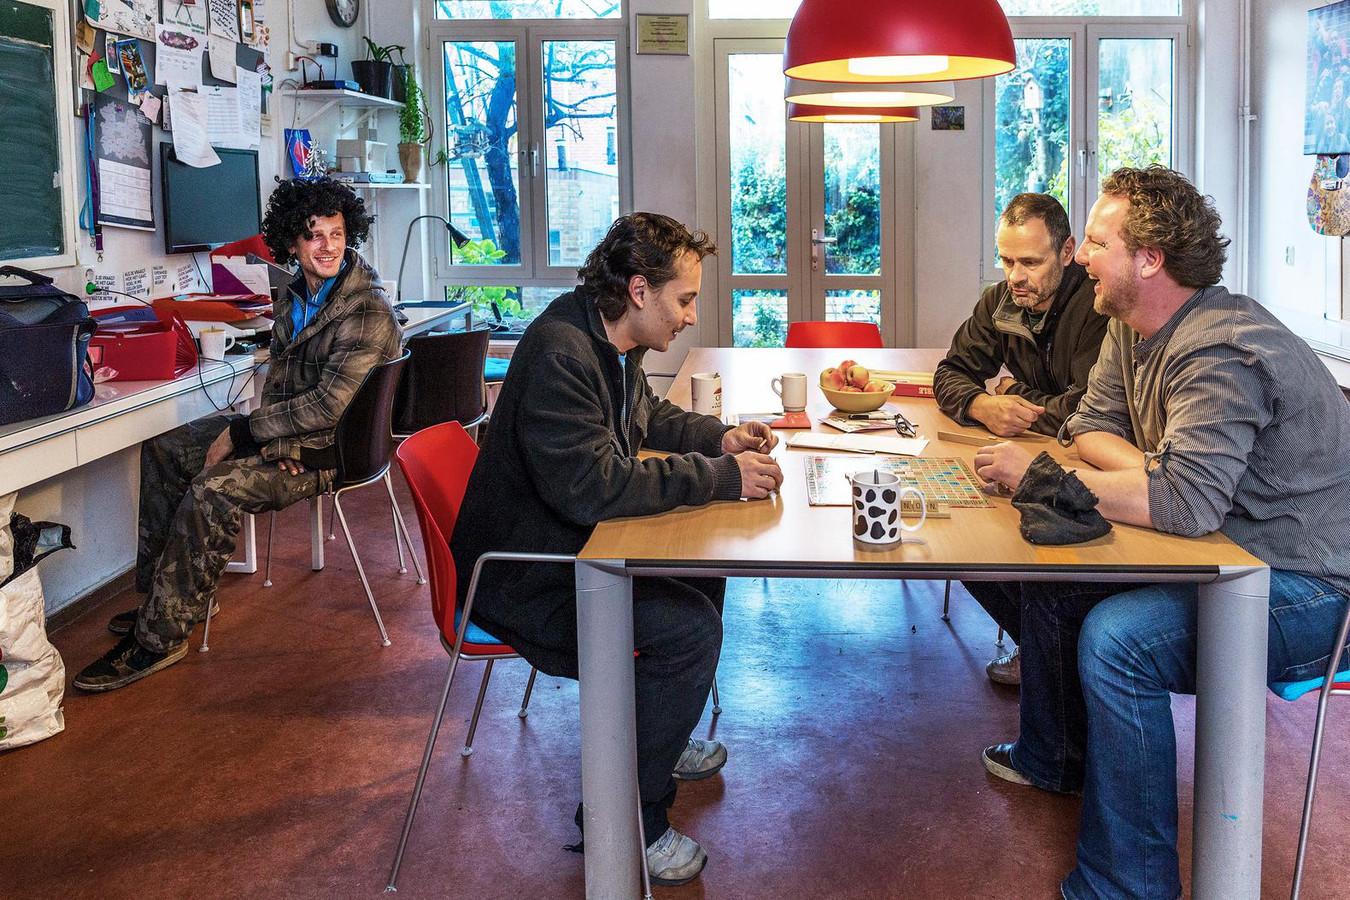 Wegloophuis Utrecht. Rechts aan de tafel Stephan van der Sluis. Links aan de tafel Roy Blok.